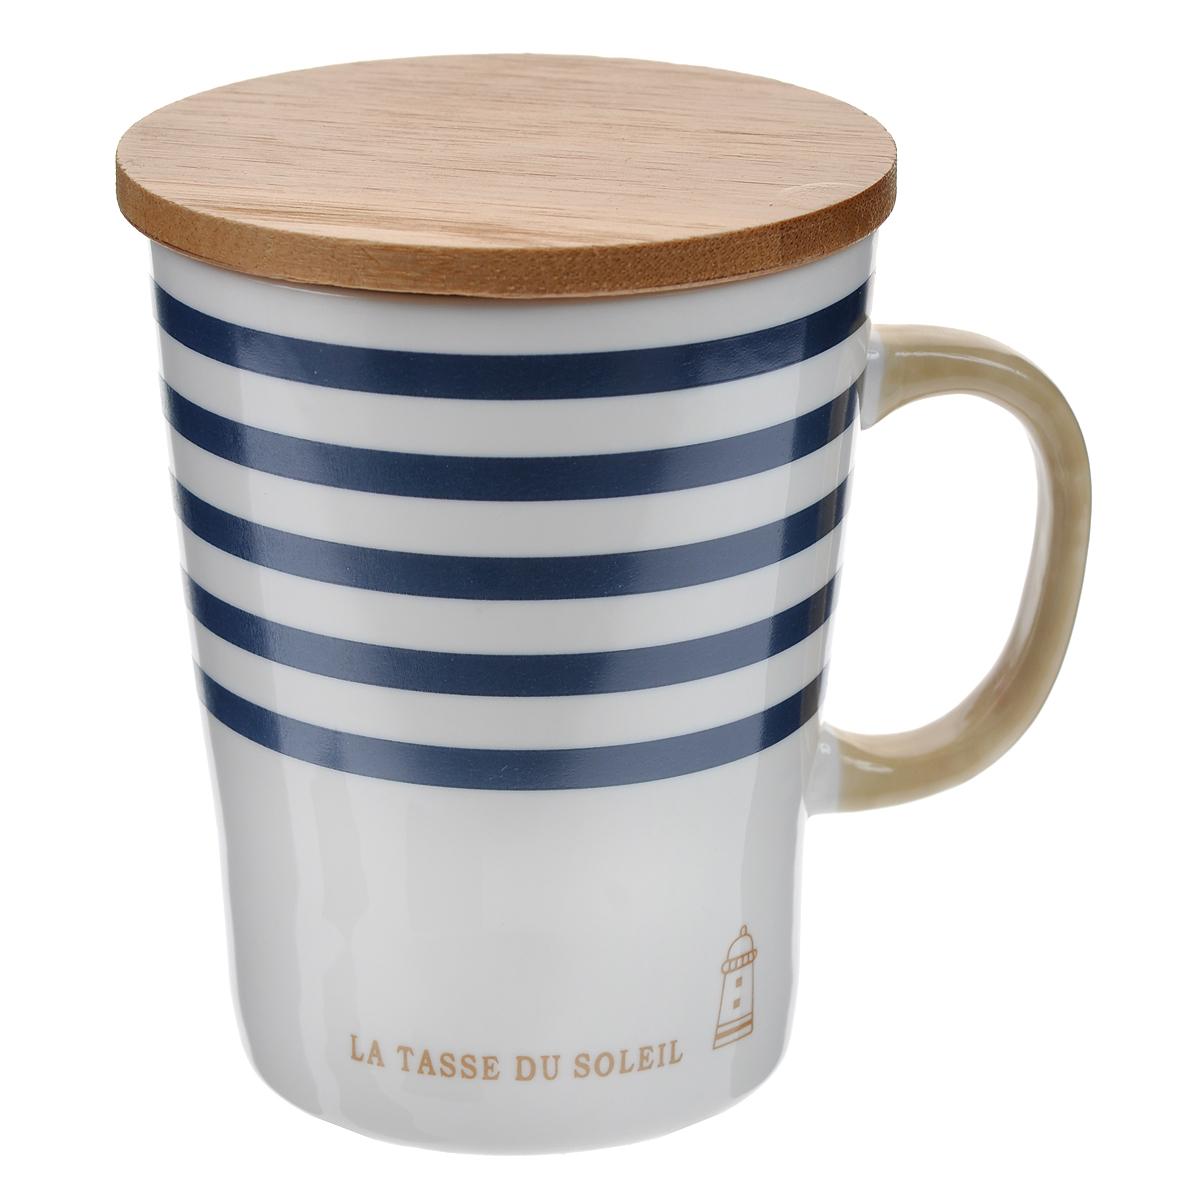 Кружка Полосы, с бамбуковой крышкой, цвет: белый, синий003076Оригинальная кружка Полосы, выполненная из керамики, станет отличным подарком для человека, ценящего забавные и практичные подарки. Кружка оформлена цветными полосками. Благодаря бамбуковой крышке, входящей в комплект, кружка превосходно сохраняет температуру напитка. Также крышка может быть использована в качестве подставки под горячее.Такой подарок станет не только приятным, но и практичным сувениром: кружка станет незаменимым атрибутом чаепития, а оригинальный дизайн вызовет улыбку. Характеристики:Материал:керамика, бамбук. Высота кружки (без учета крышки):10 см. Диаметр по верхнему краю:7,5 см. Размер упаковки:9,5 см х 8,5 см х 11 см. Артикул: 003076.